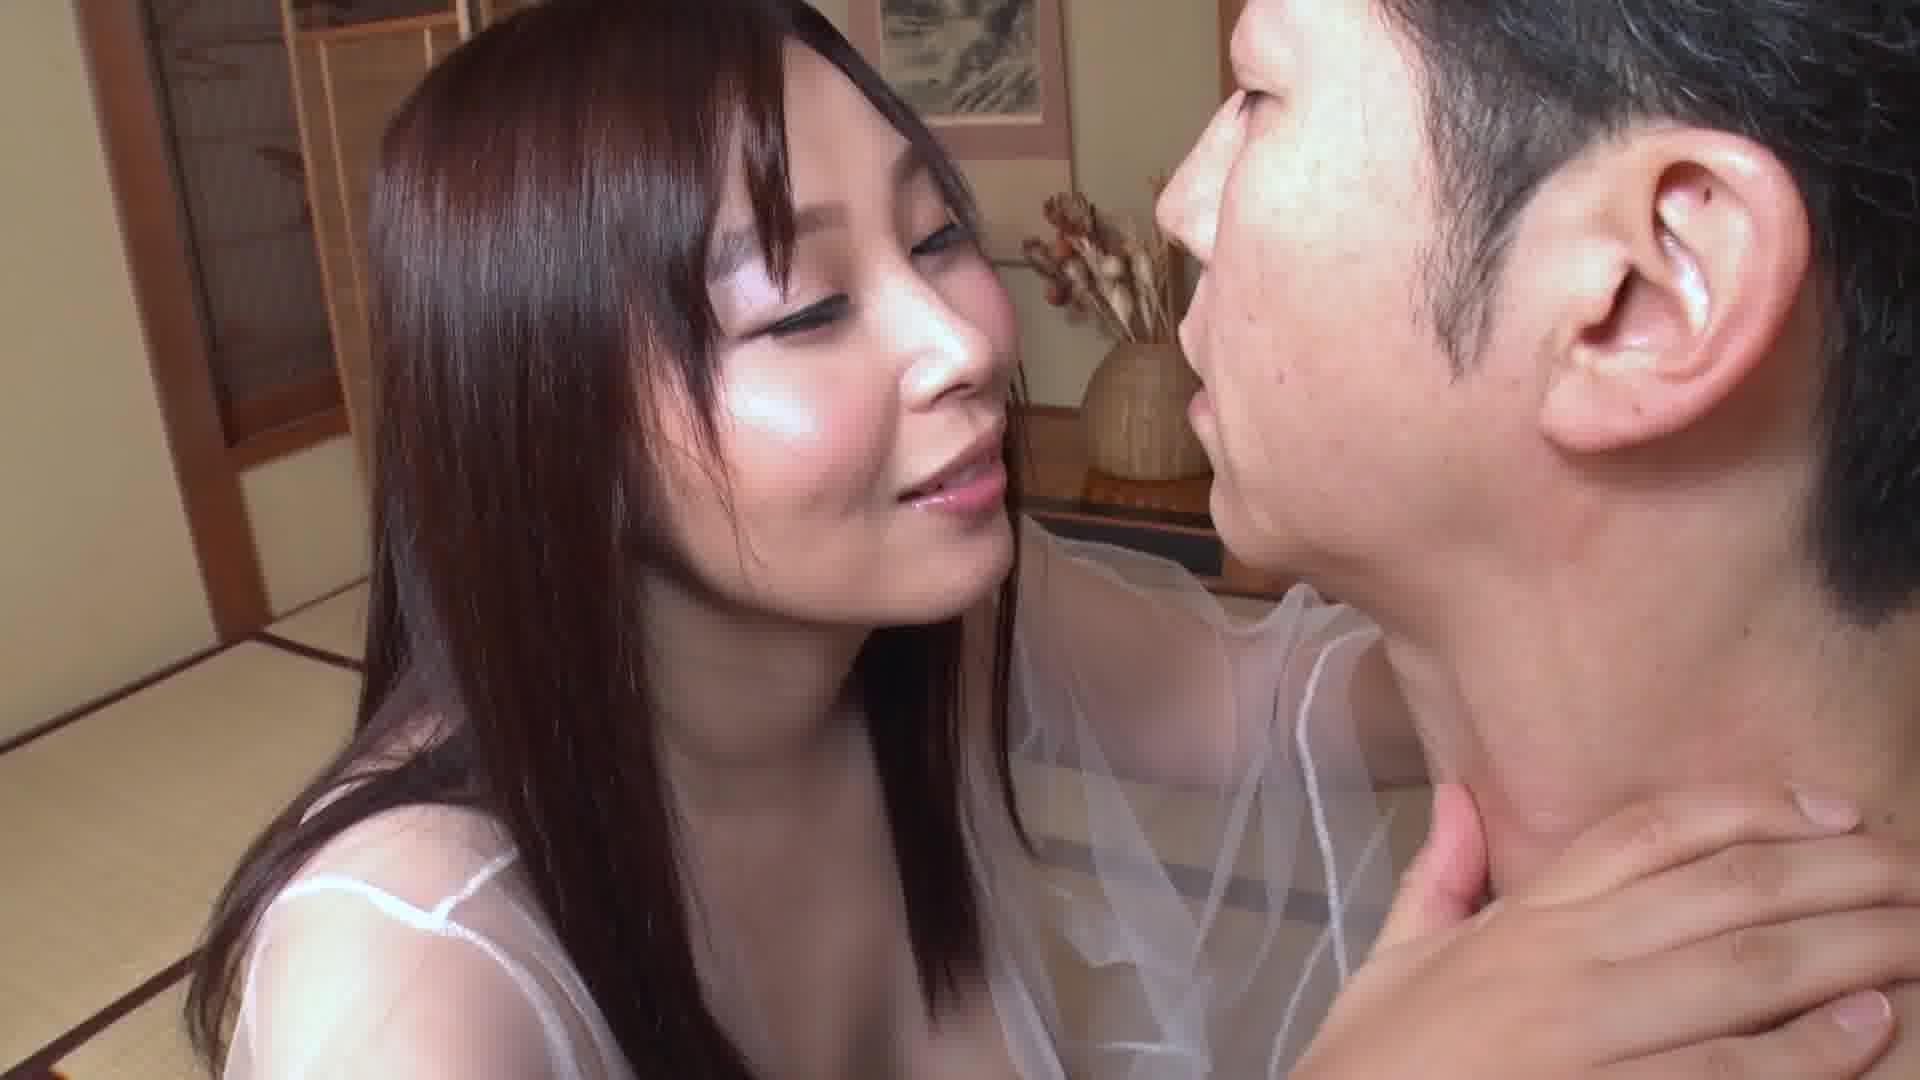 洗練された大人のいやし亭 ~ムチムチ肌でもてなす菊門の宴~ - 小川桃果【巨乳・着物・中出し】